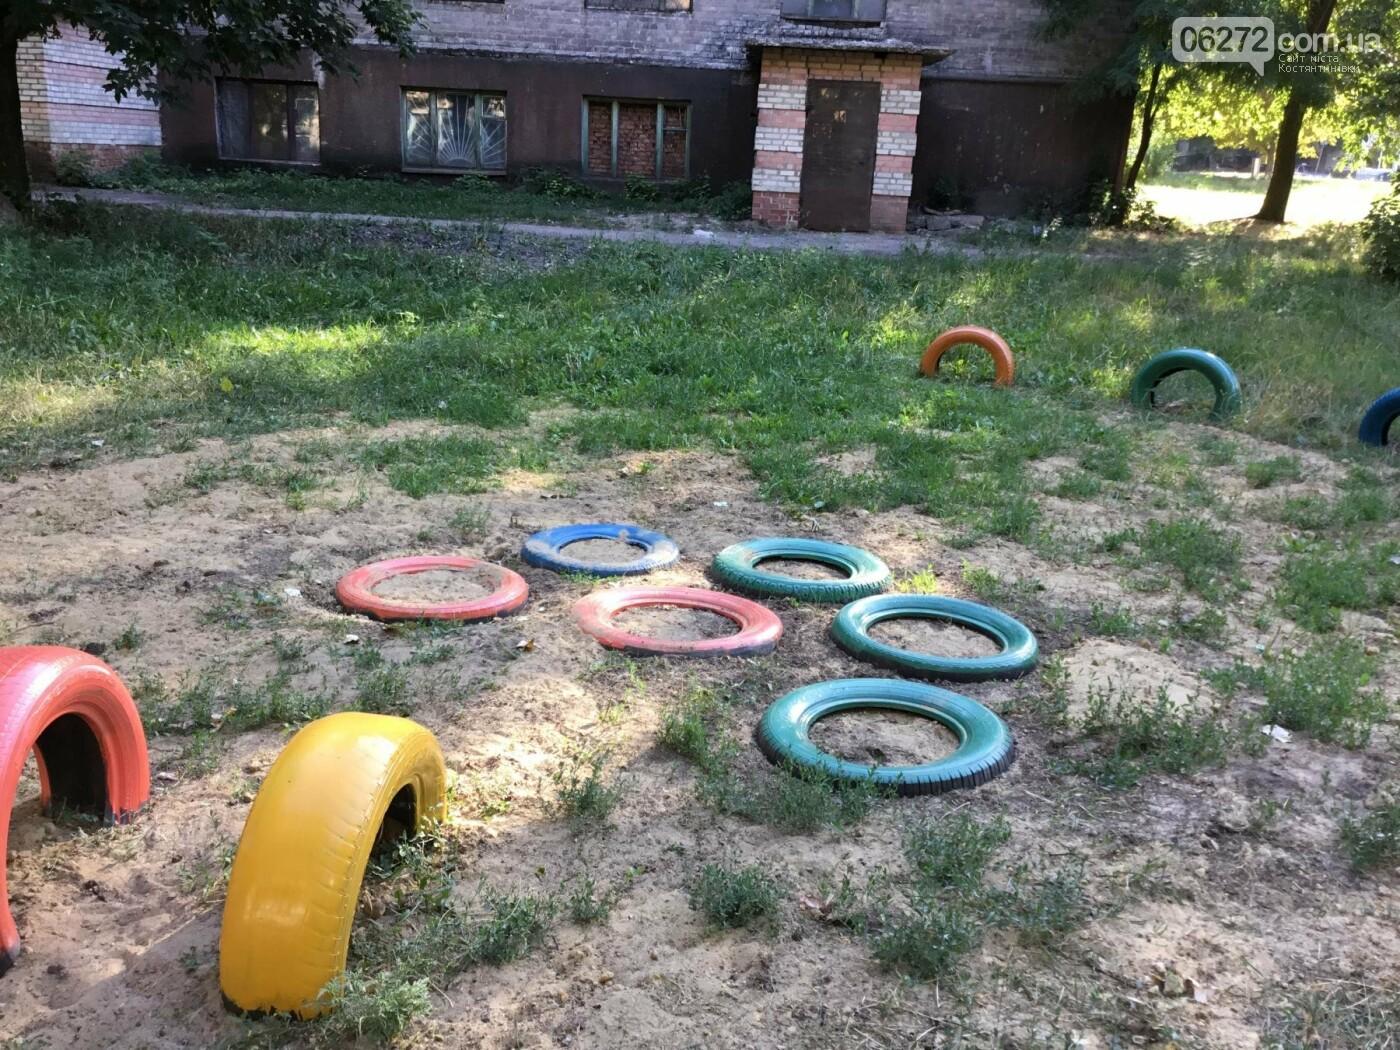 На пр. Ломоносова появилась детская площадка, созданная жителями Константиновки, фото-9